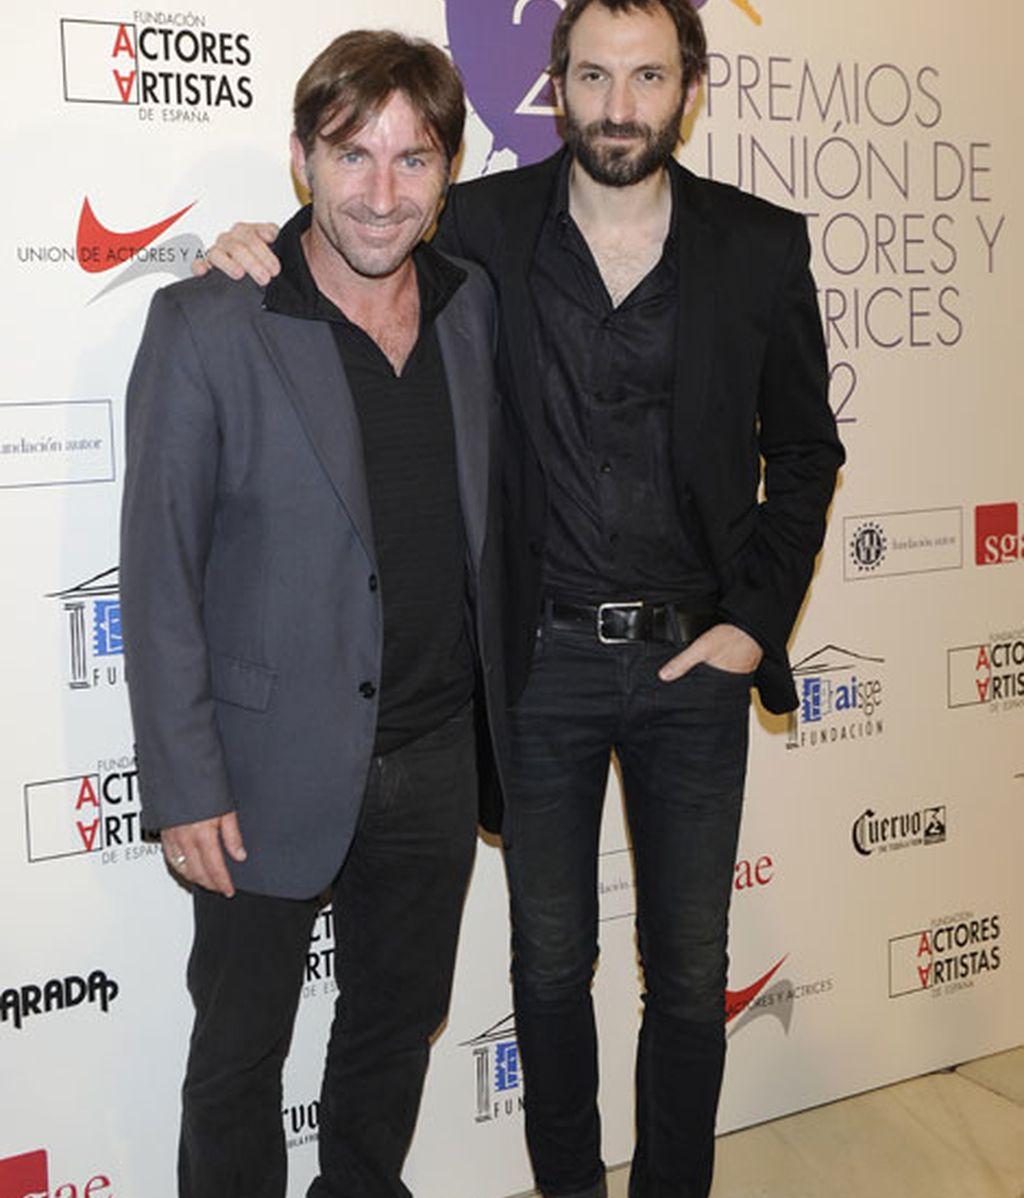 Los actores Antonio de la Torre y Juan Villagran